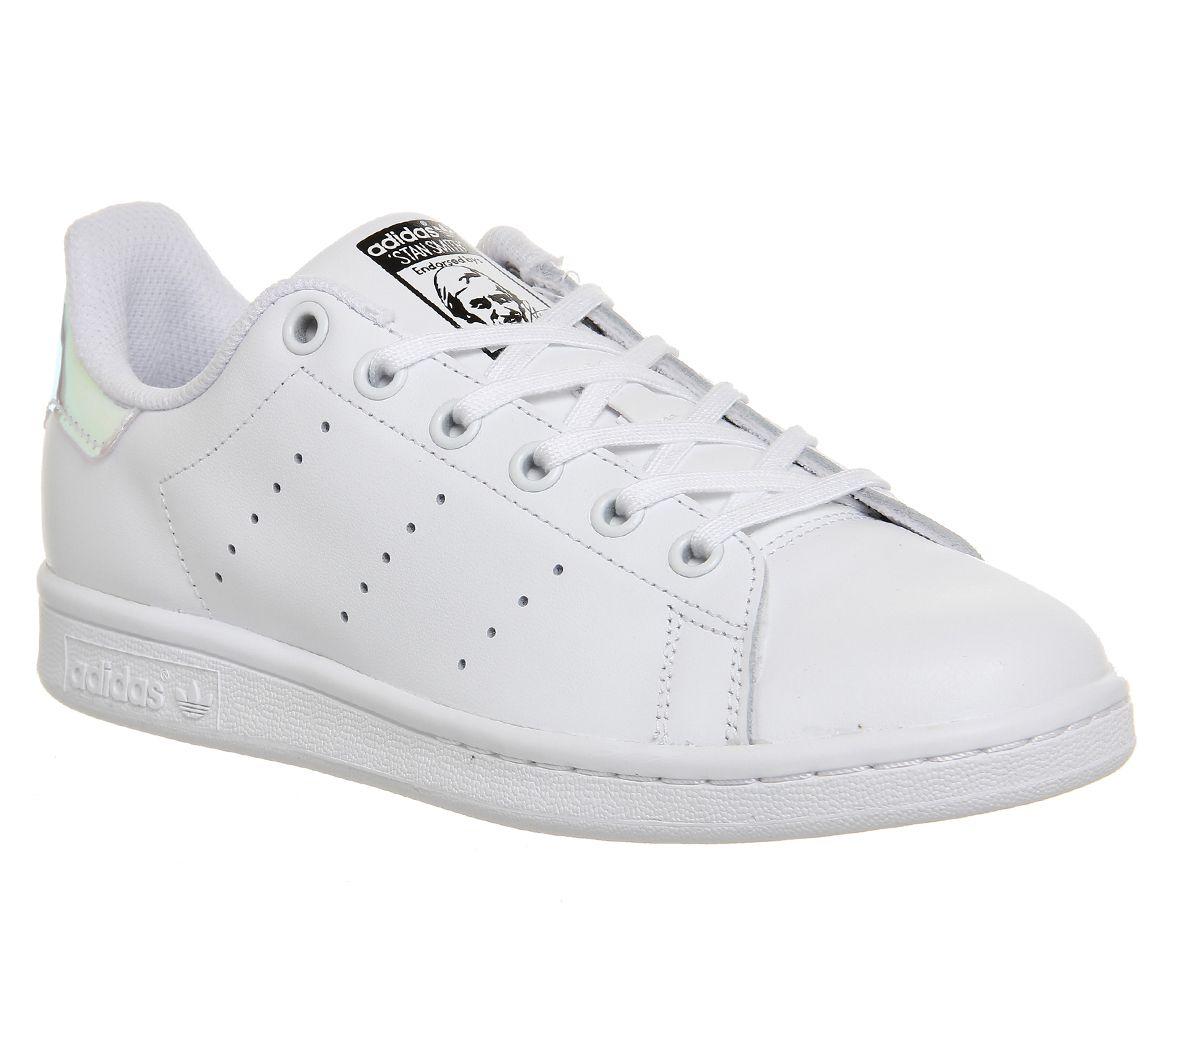 539f6d75feb2 adidas Stan Smith White Metallic Silver White - Unisex